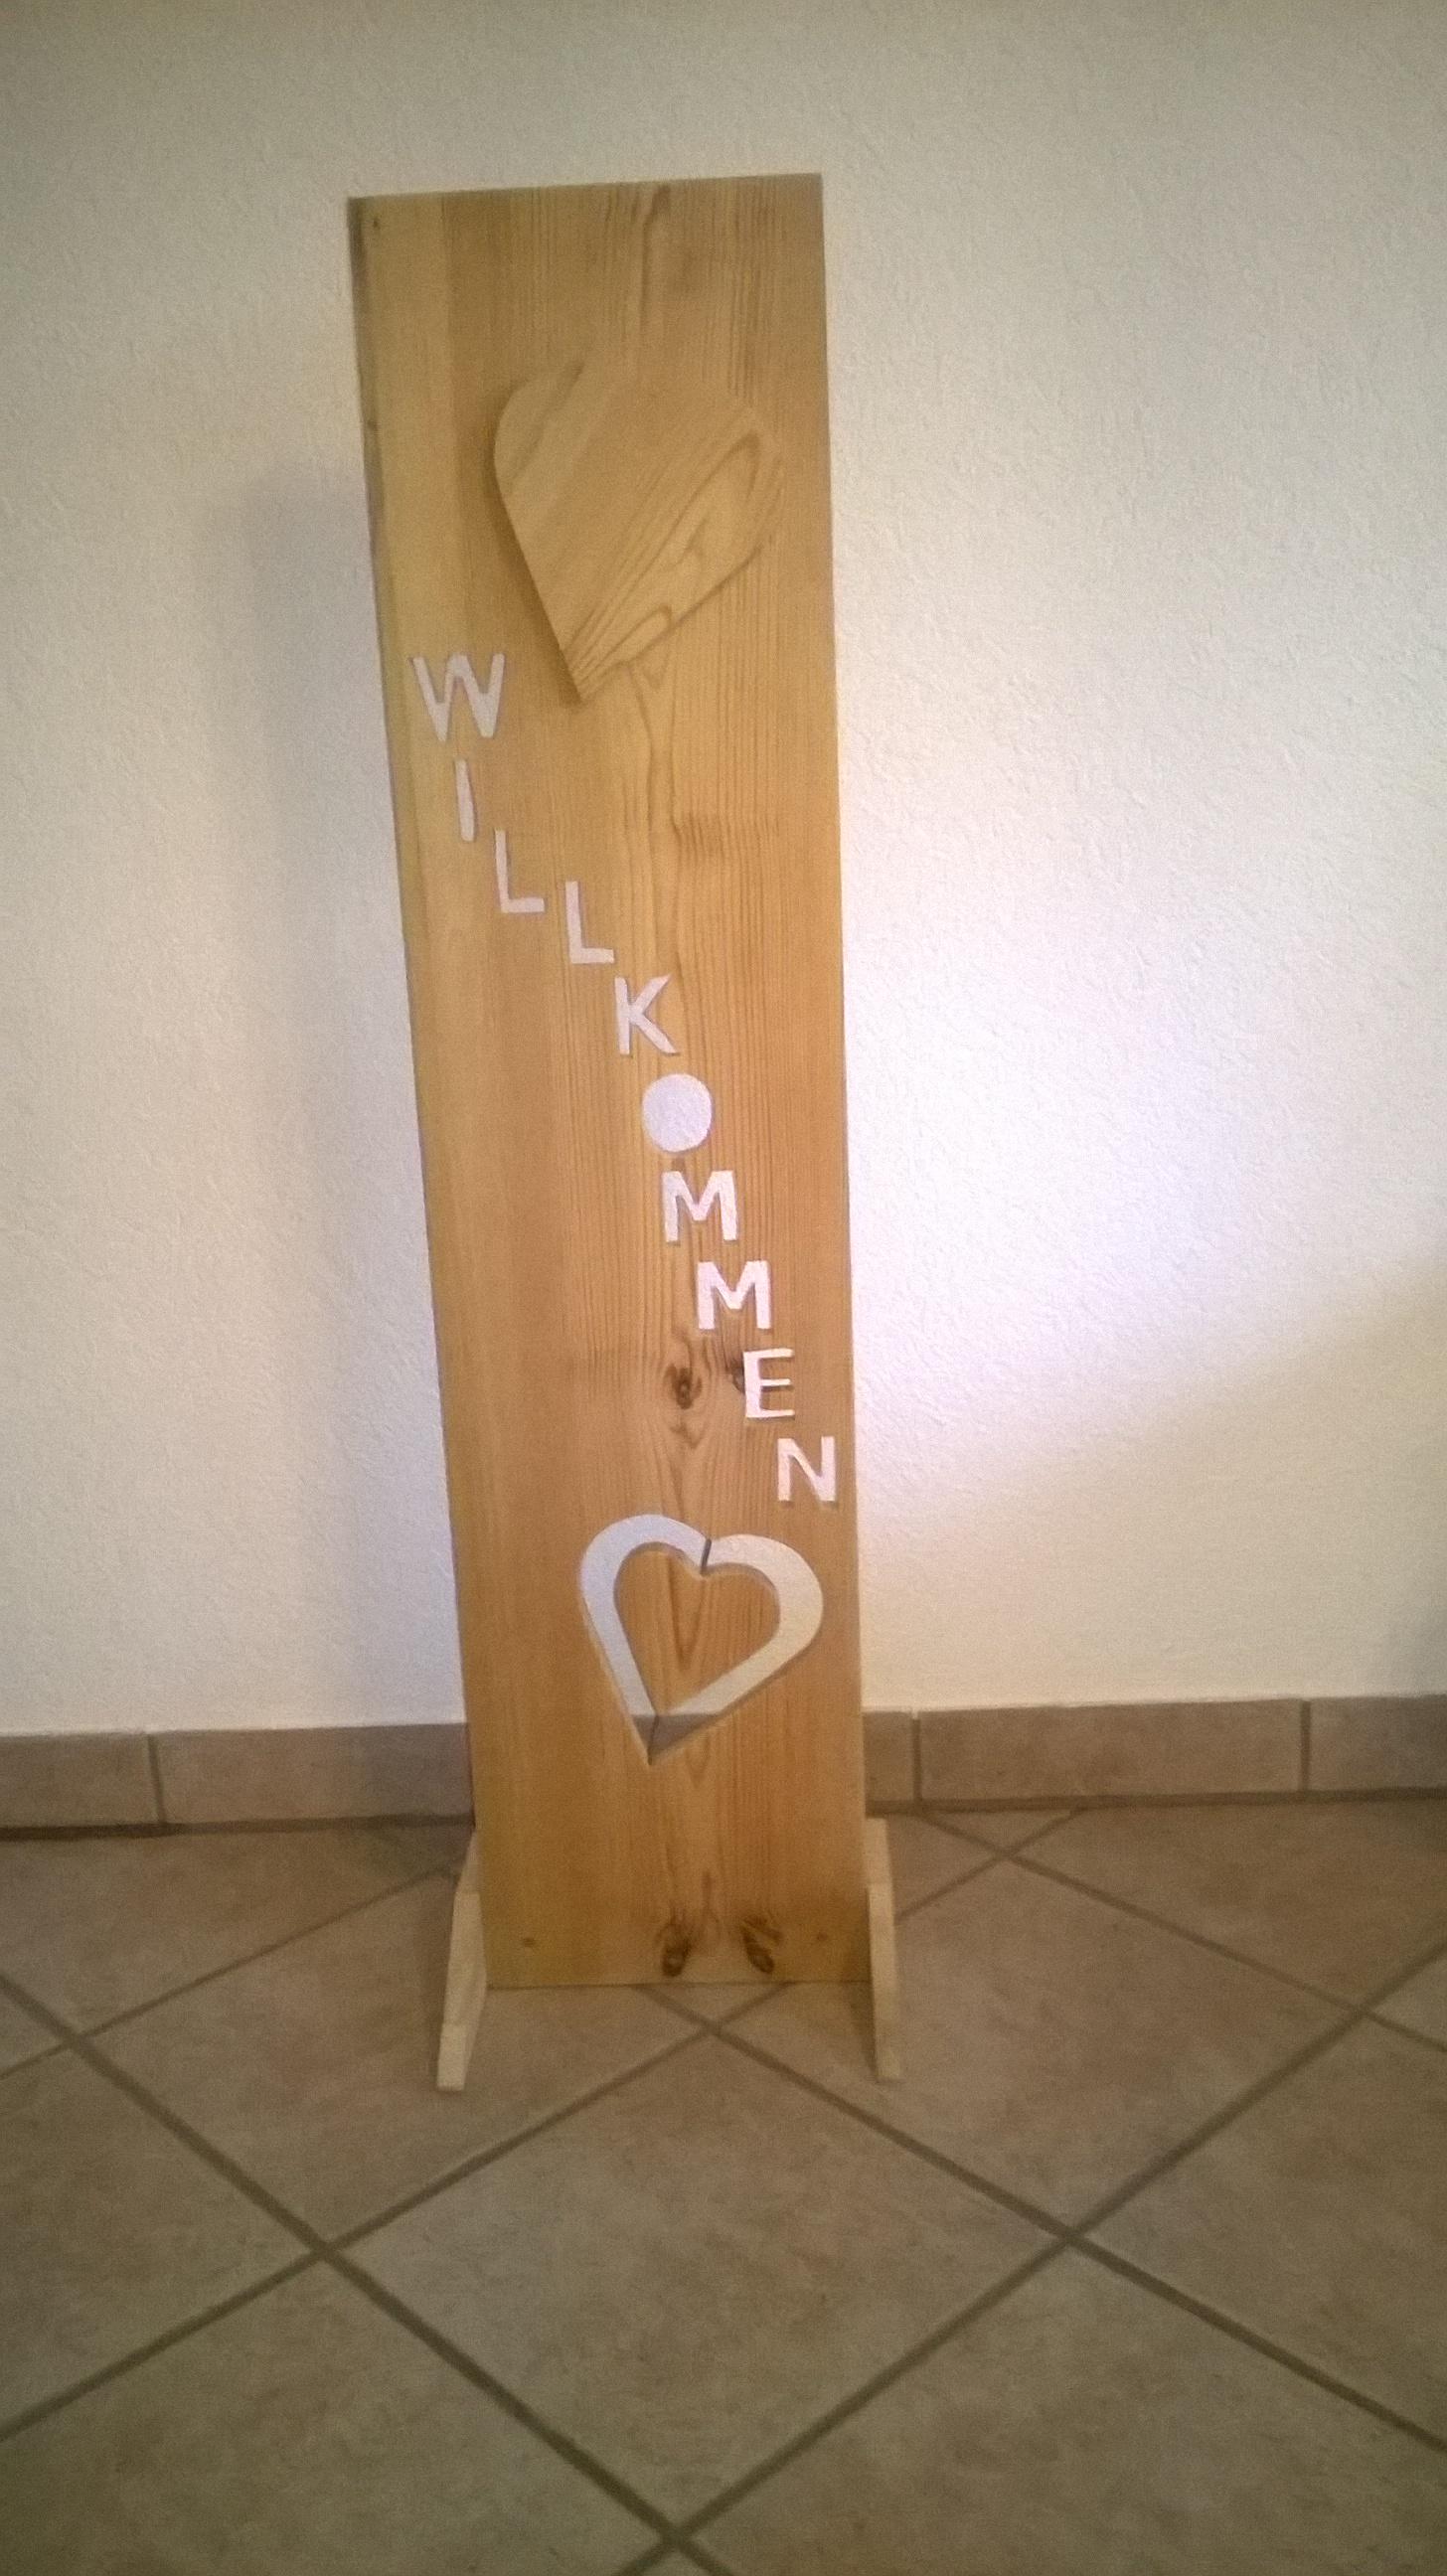 EchtHolzIdeen  Ideen aus Holz  Sommer  Sommerdeko